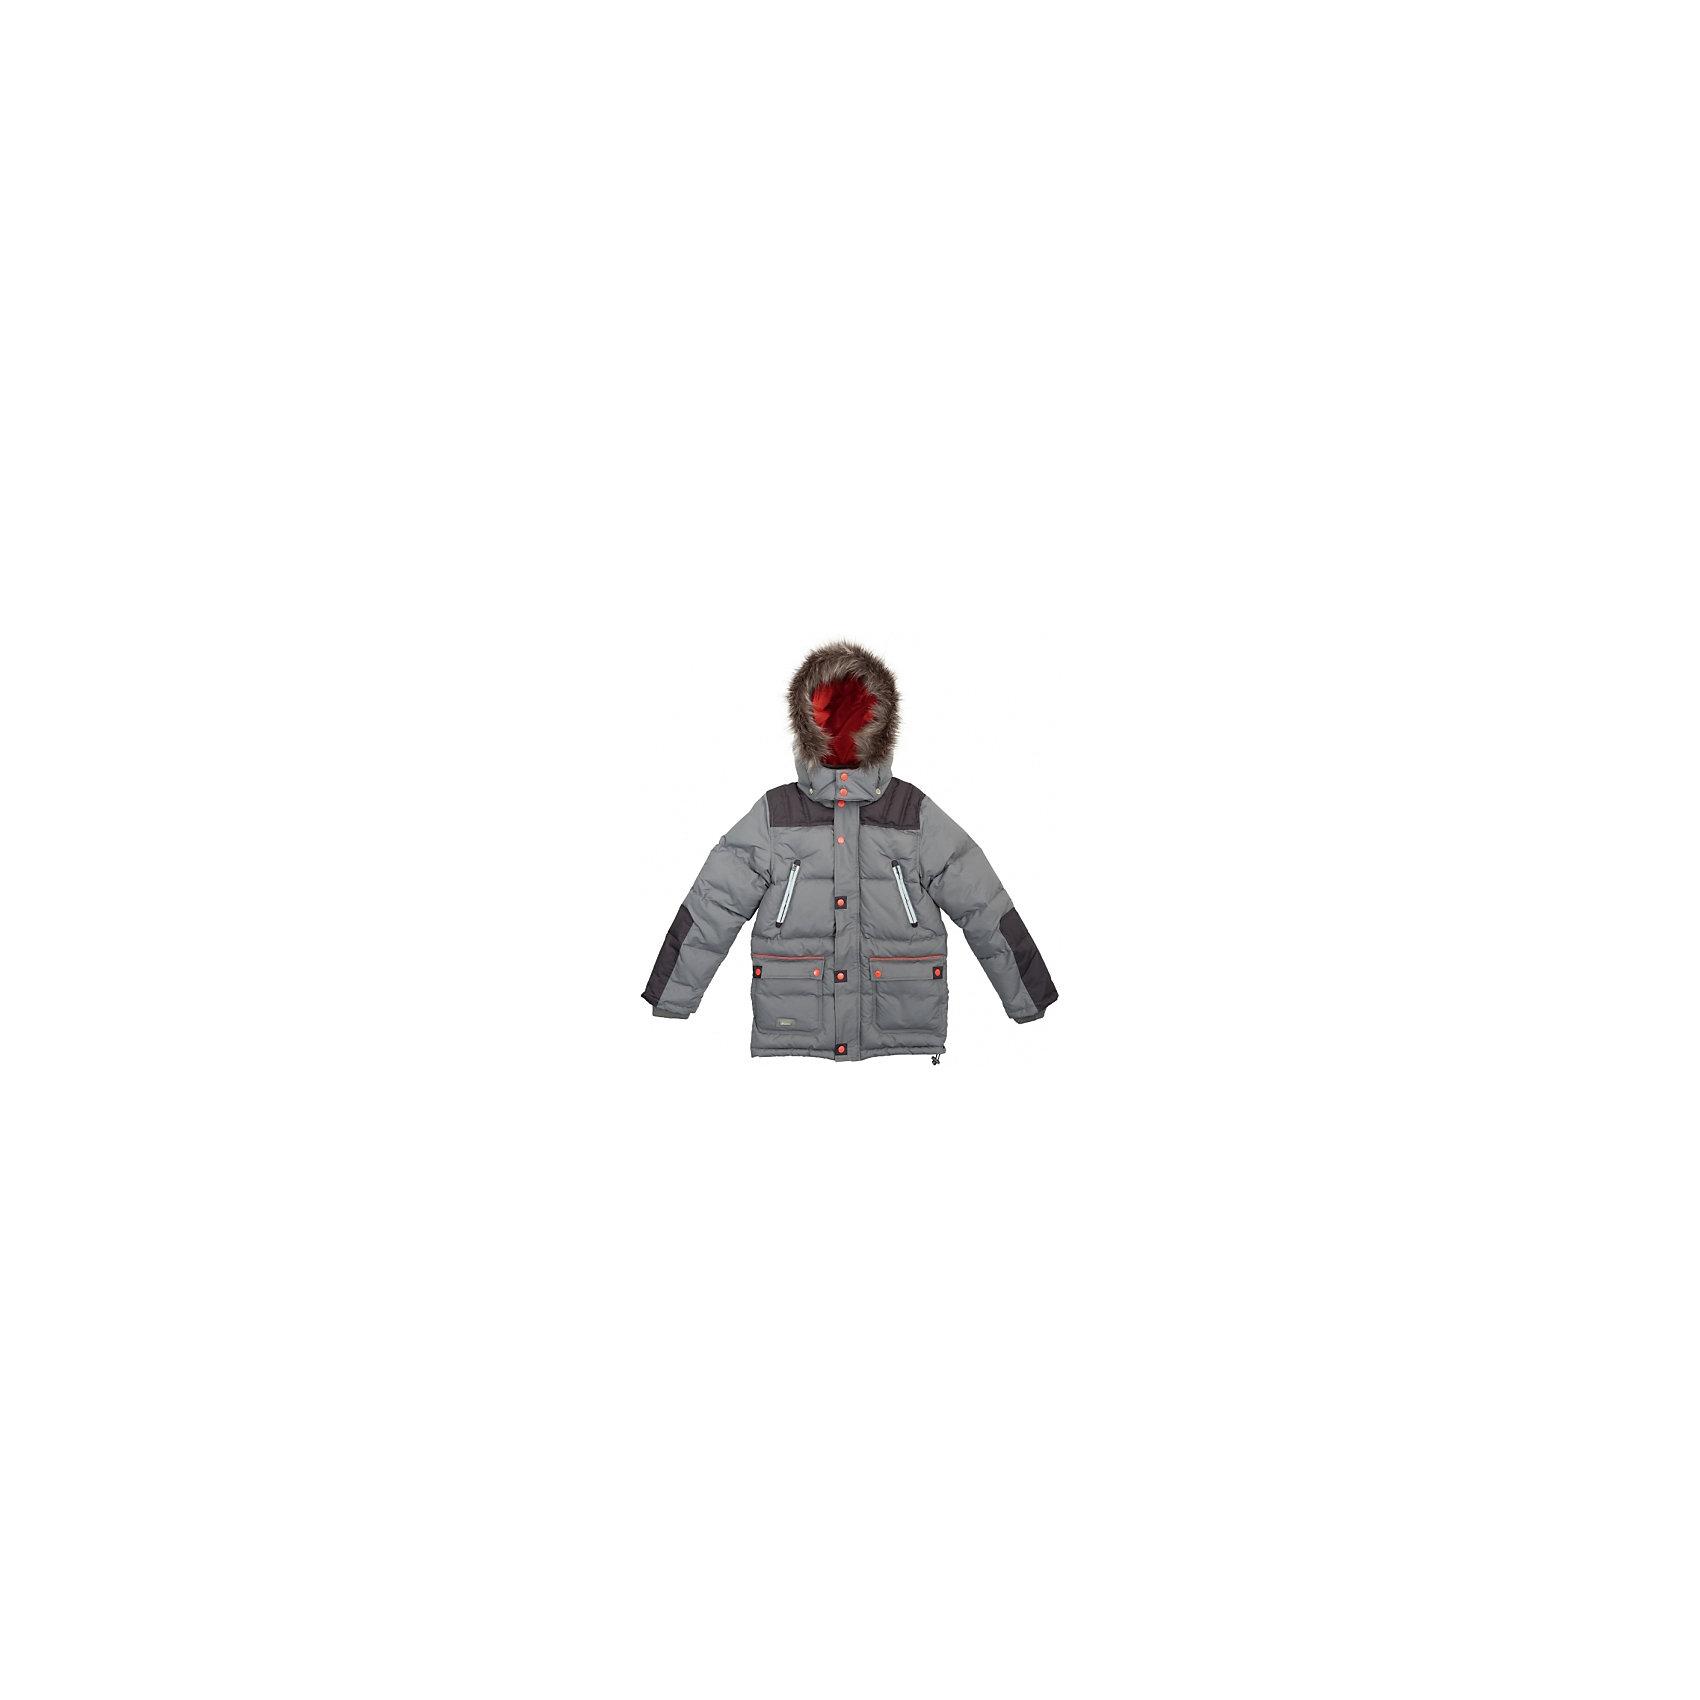 Куртка для мальчика ScoolКуртка для мальчика Scool – надежная защита от холода и дождя.<br>Сделана куртка из непромокаемого материала. Специальная ветрозащитная планка на кнопках у капюшона позволяет защитить шею от продувания. Капюшон также можно затянуть стоппером, как и низ куртки. Под внешним слоем, внизу, есть подкладка, застегнув которую, ребенок также будет защищен от ветра. От попадания снега или воды в рукава на куртке предусмотрены трикотажные манжеты. <br><br>Дополнительная информация:<br><br>- материал: верх и подкладка – 100% полиэстер, наполнитель 62% полиэстера, 30% пух, 8% перо<br>- цвет: серый<br><br>Куртку для мальчика Scool можно купить в нашем интернет магазине.<br><br>Ширина мм: 356<br>Глубина мм: 10<br>Высота мм: 245<br>Вес г: 519<br>Цвет: разноцветный<br>Возраст от месяцев: 156<br>Возраст до месяцев: 168<br>Пол: Мужской<br>Возраст: Детский<br>Размер: 164,140,152,134,146,158<br>SKU: 4911544